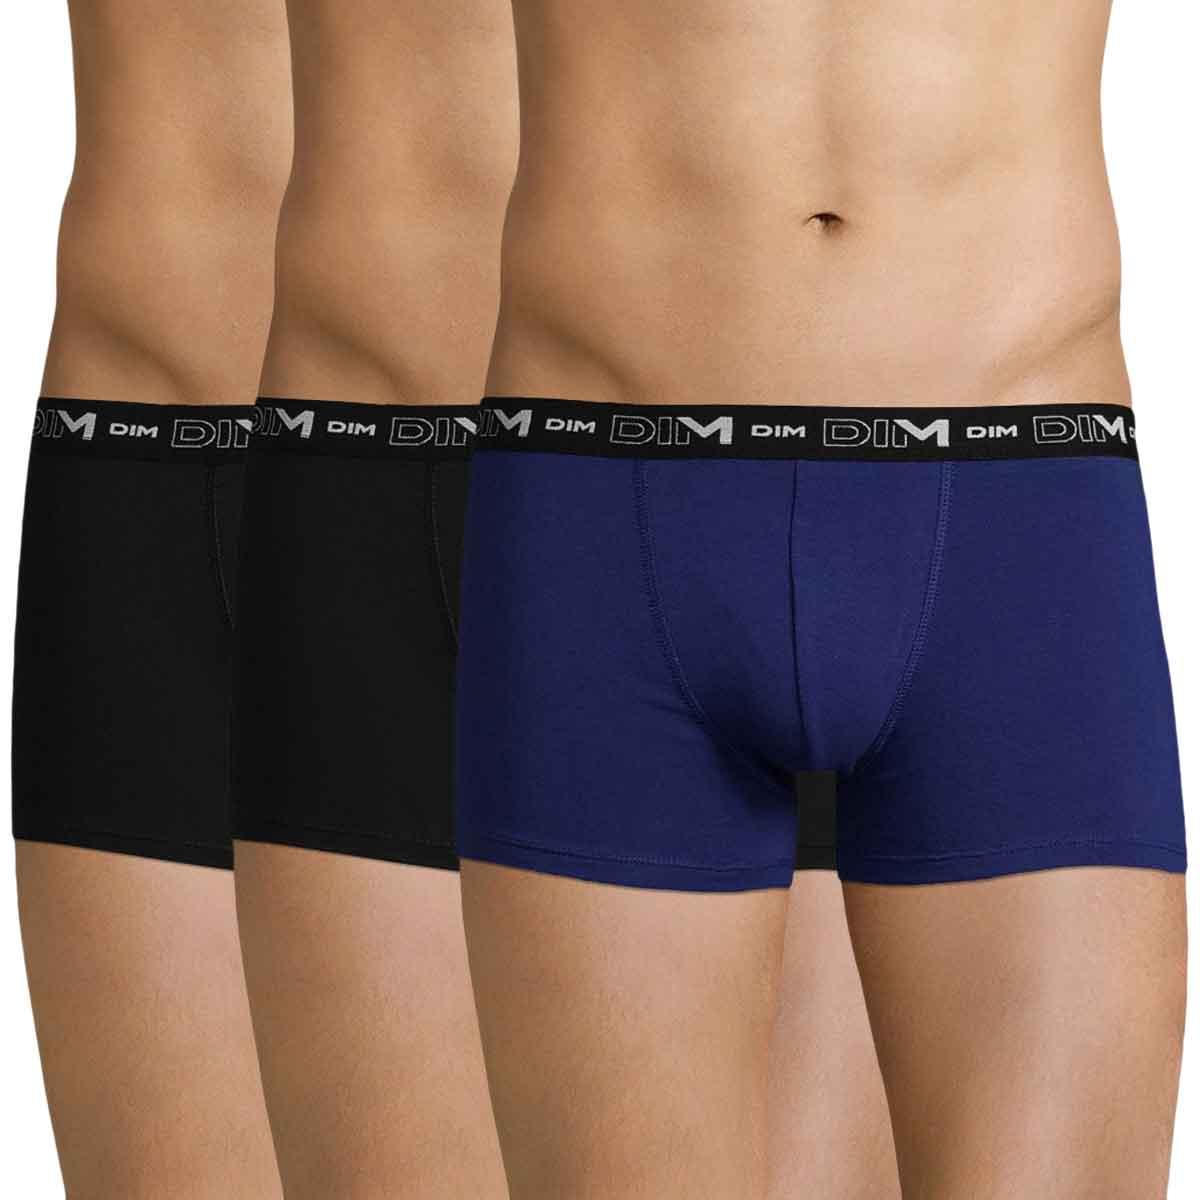 Lot de 3 boxers noirs et bleu indigo DIM Coton Stretch